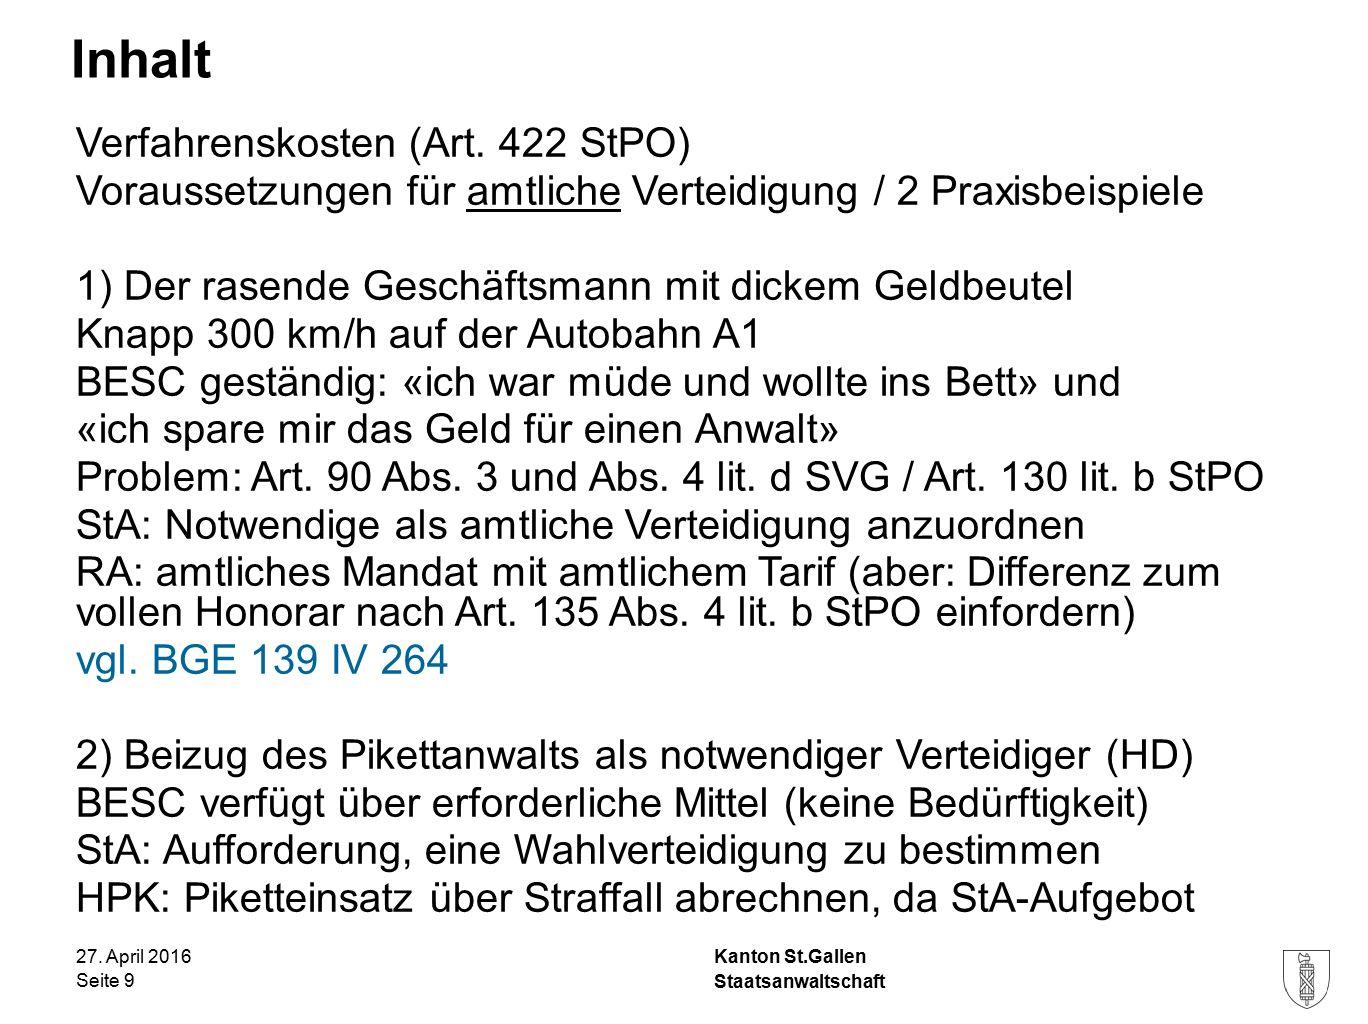 Kanton St.Gallen Inhalt 27. April 2016 Staatsanwaltschaft Seite 9 Verfahrenskosten (Art.